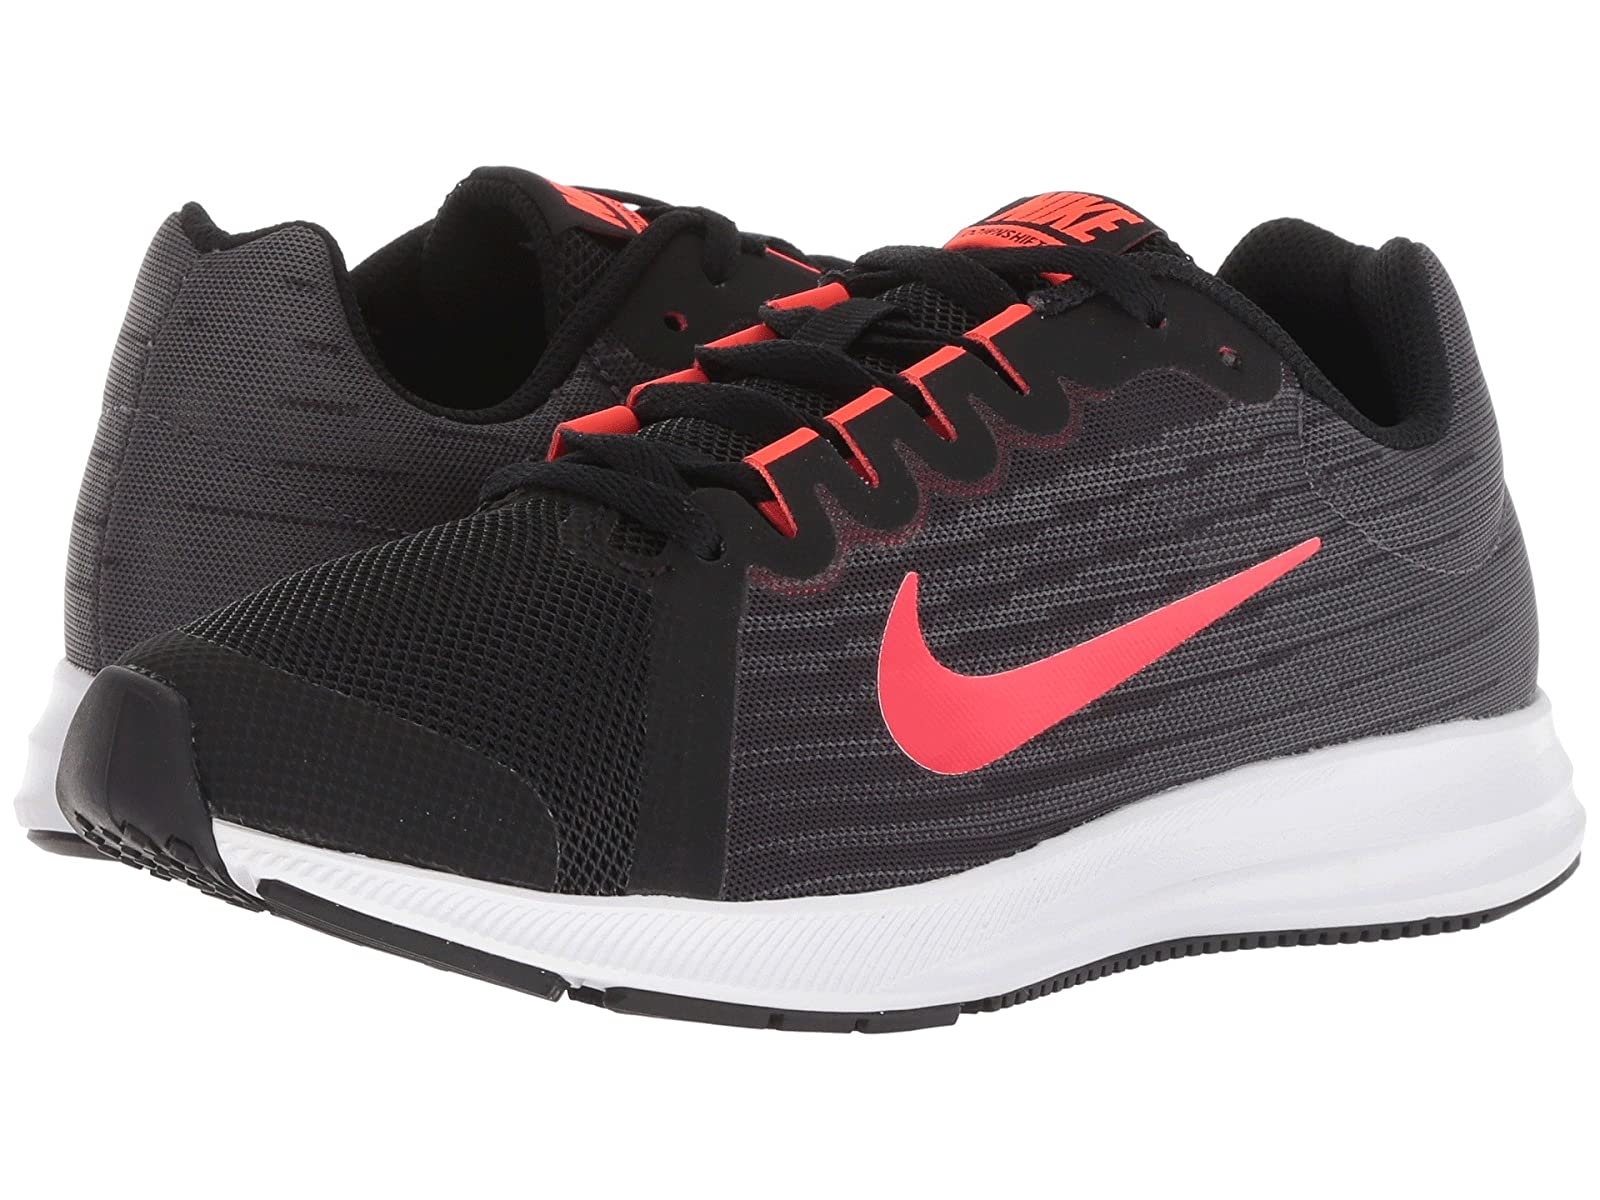 Nike Kids Downshifter 8 (Big Kid)Atmospheric grades have affordable shoes